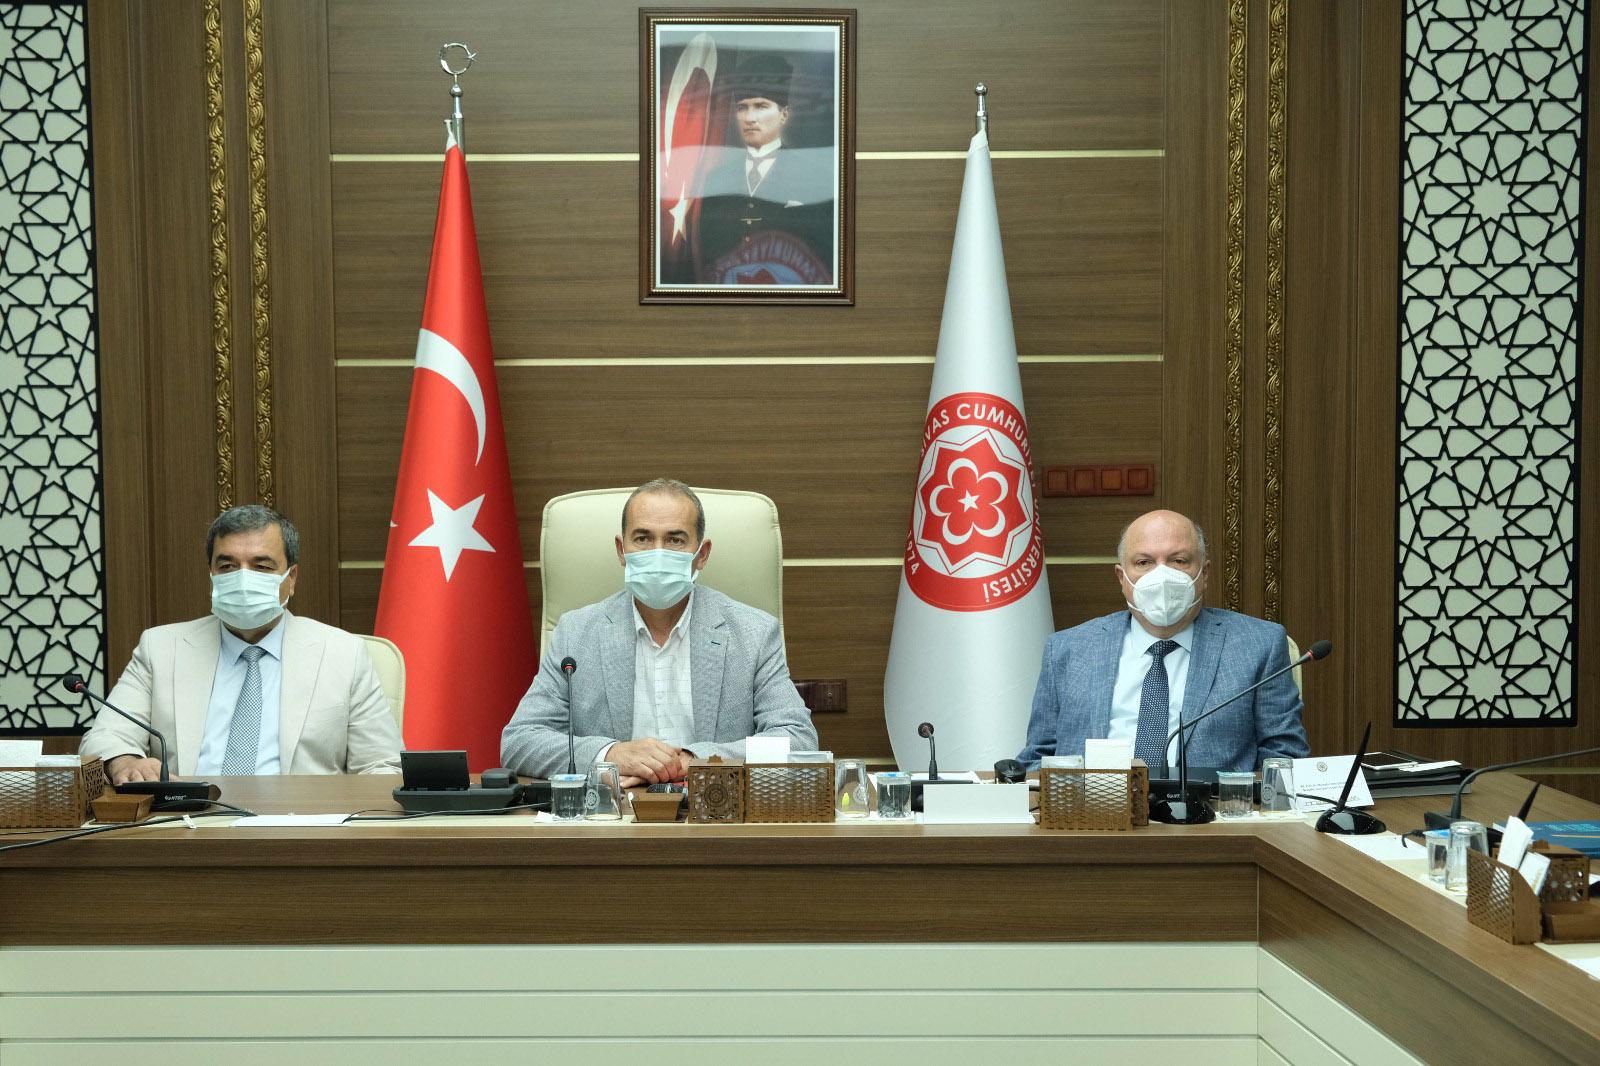 Anadolu Üniversiteler Birliği, Erasmus Konulu Toplantısını Sivas Cumhuriyet Üniversitesinde Gerçekleştirdi